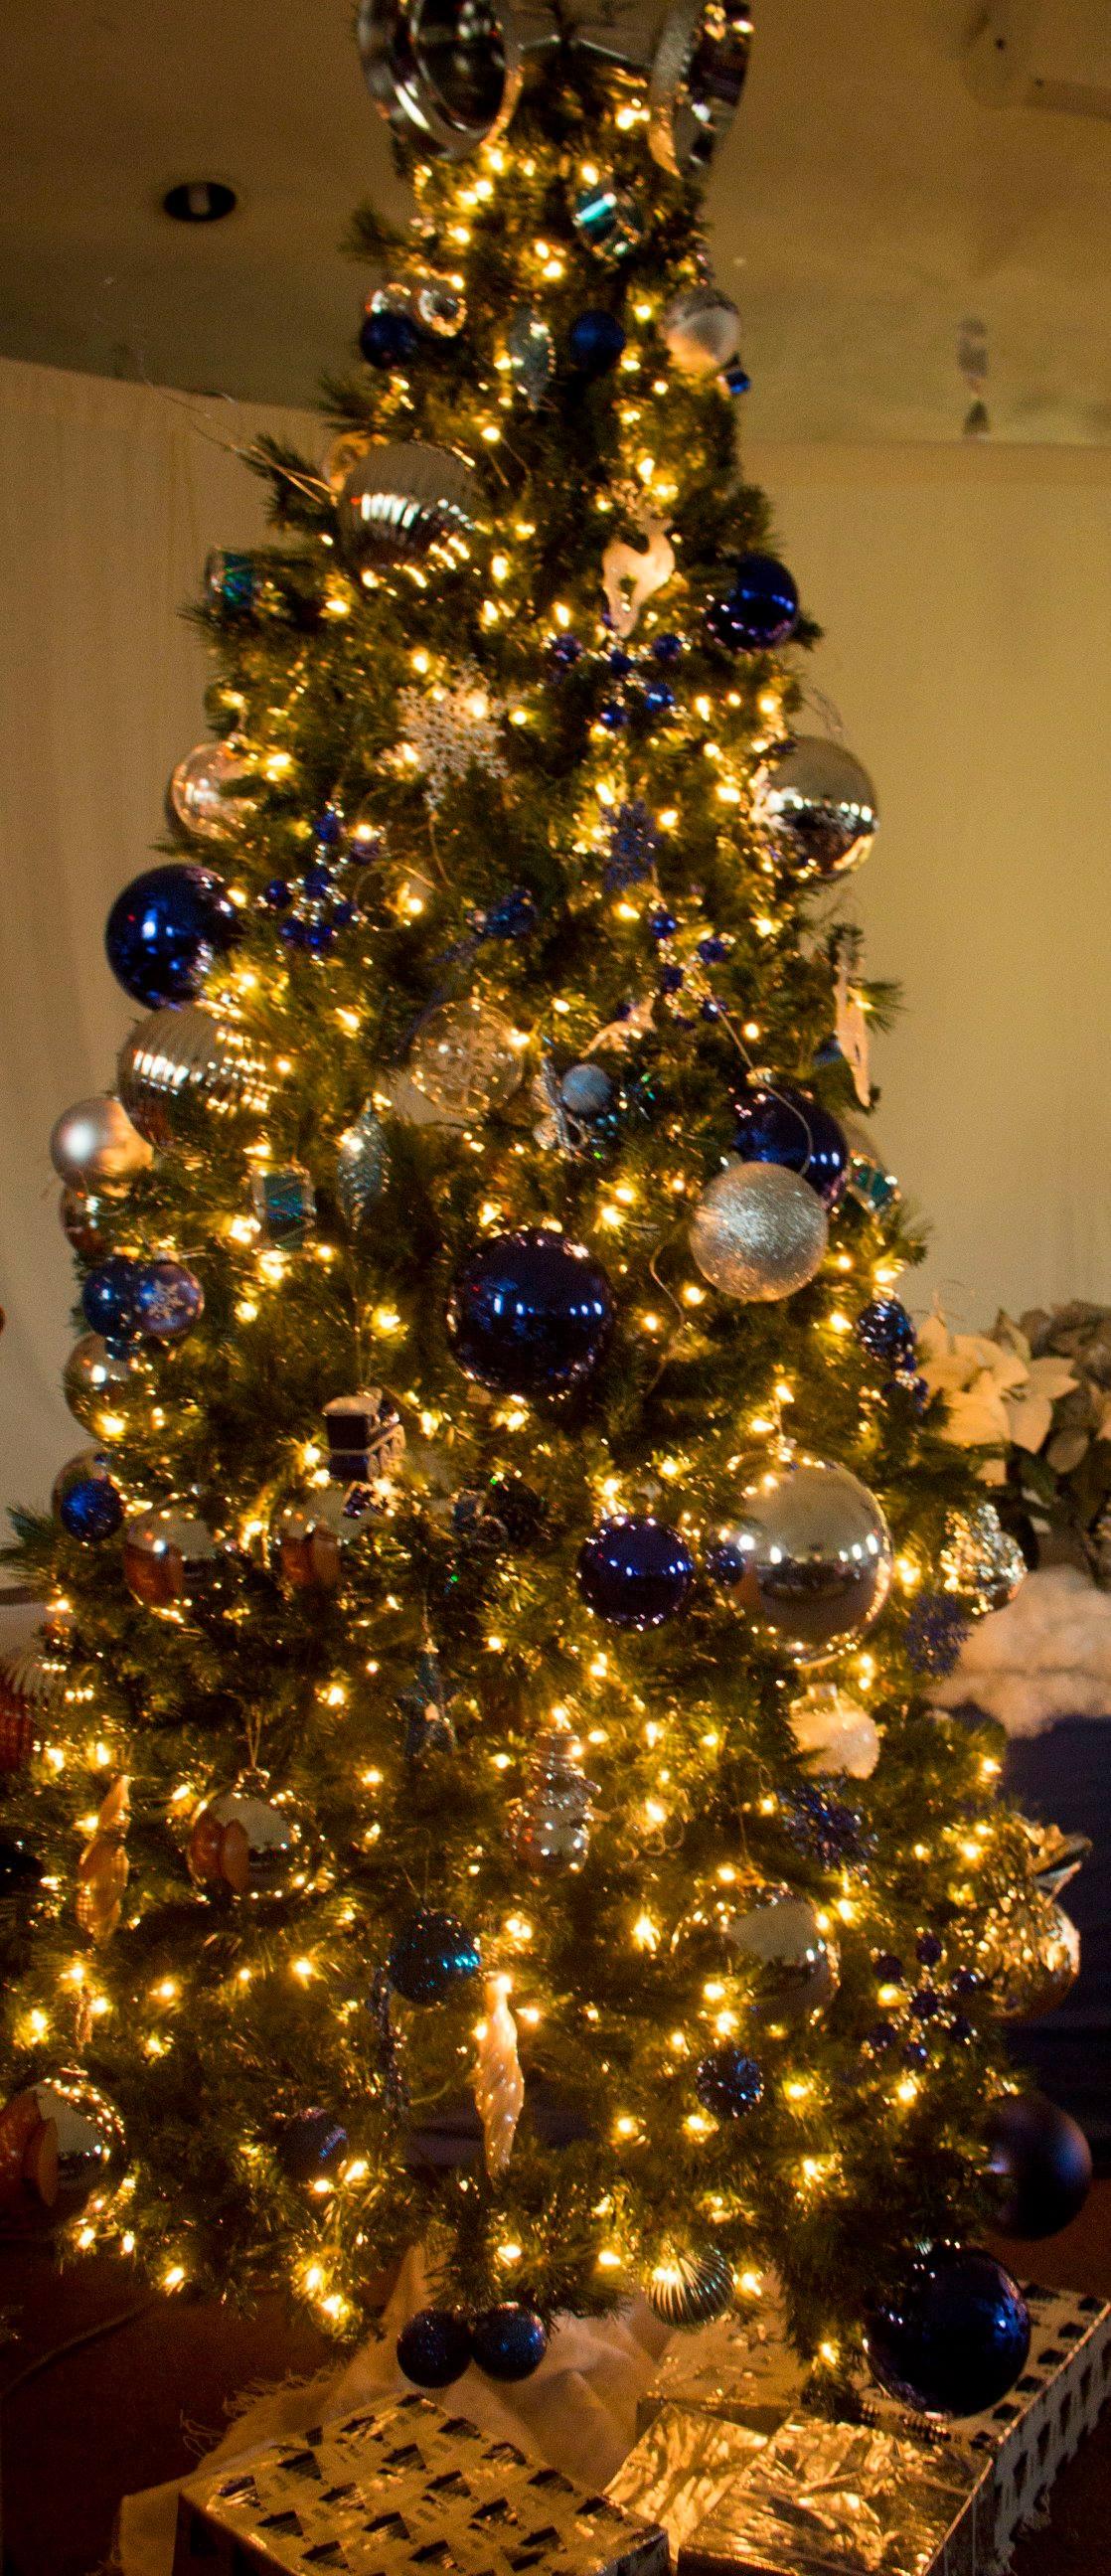 CHRISTMAS AT SMFWBC